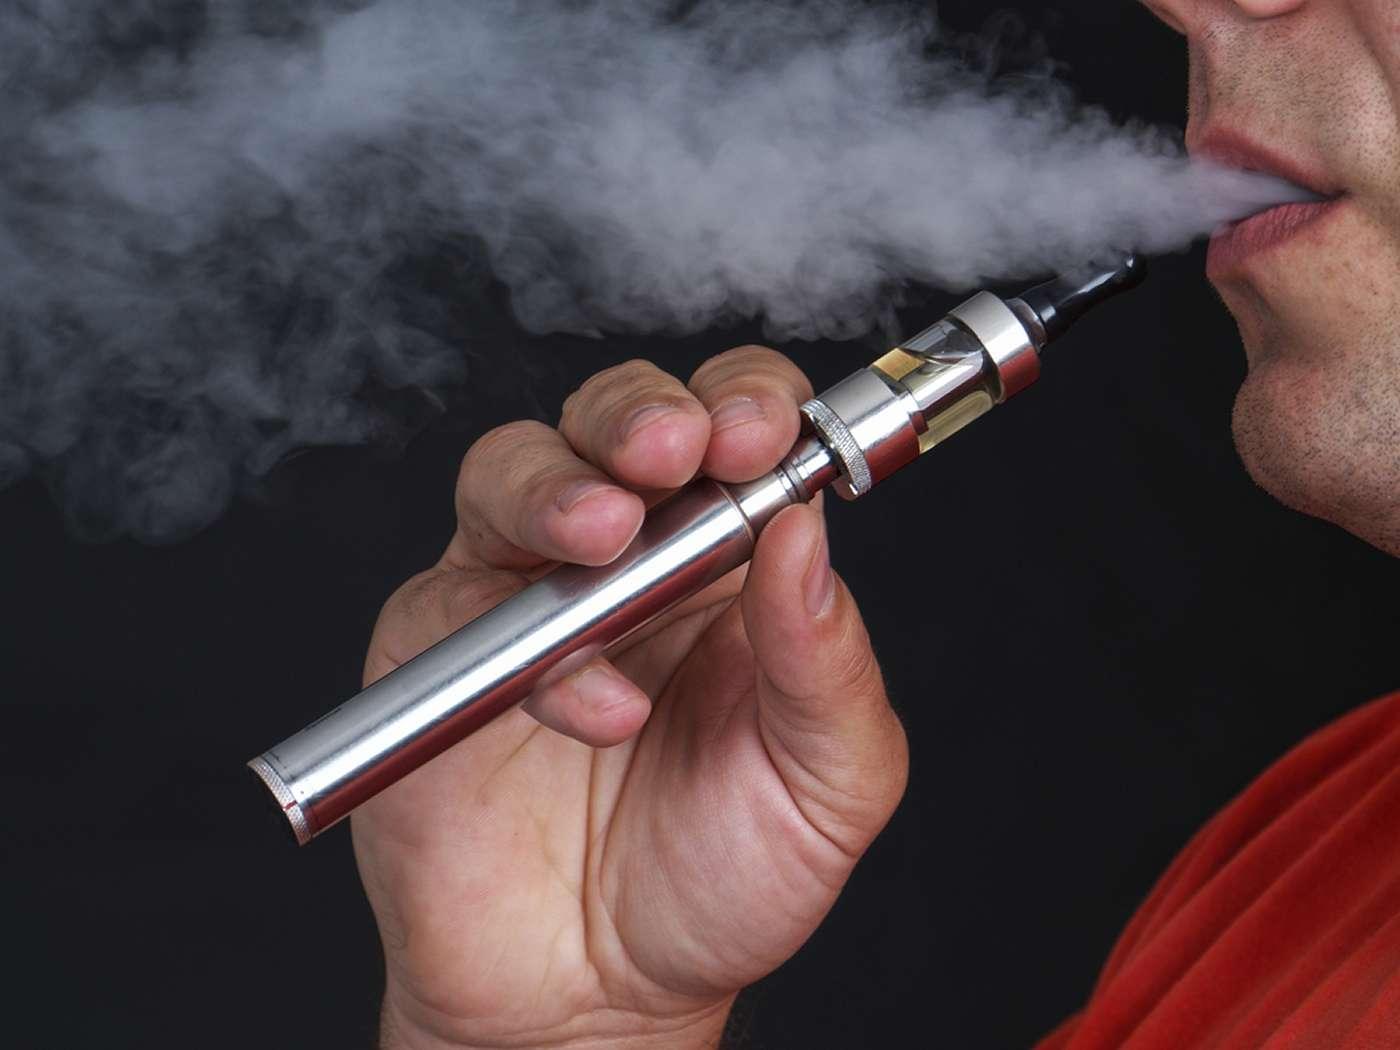 Les cellules en culture soumises à la vapeur de cigarettes électroniques ont plus de probabilité de se mourir. © Pryzmat, Shutterstock